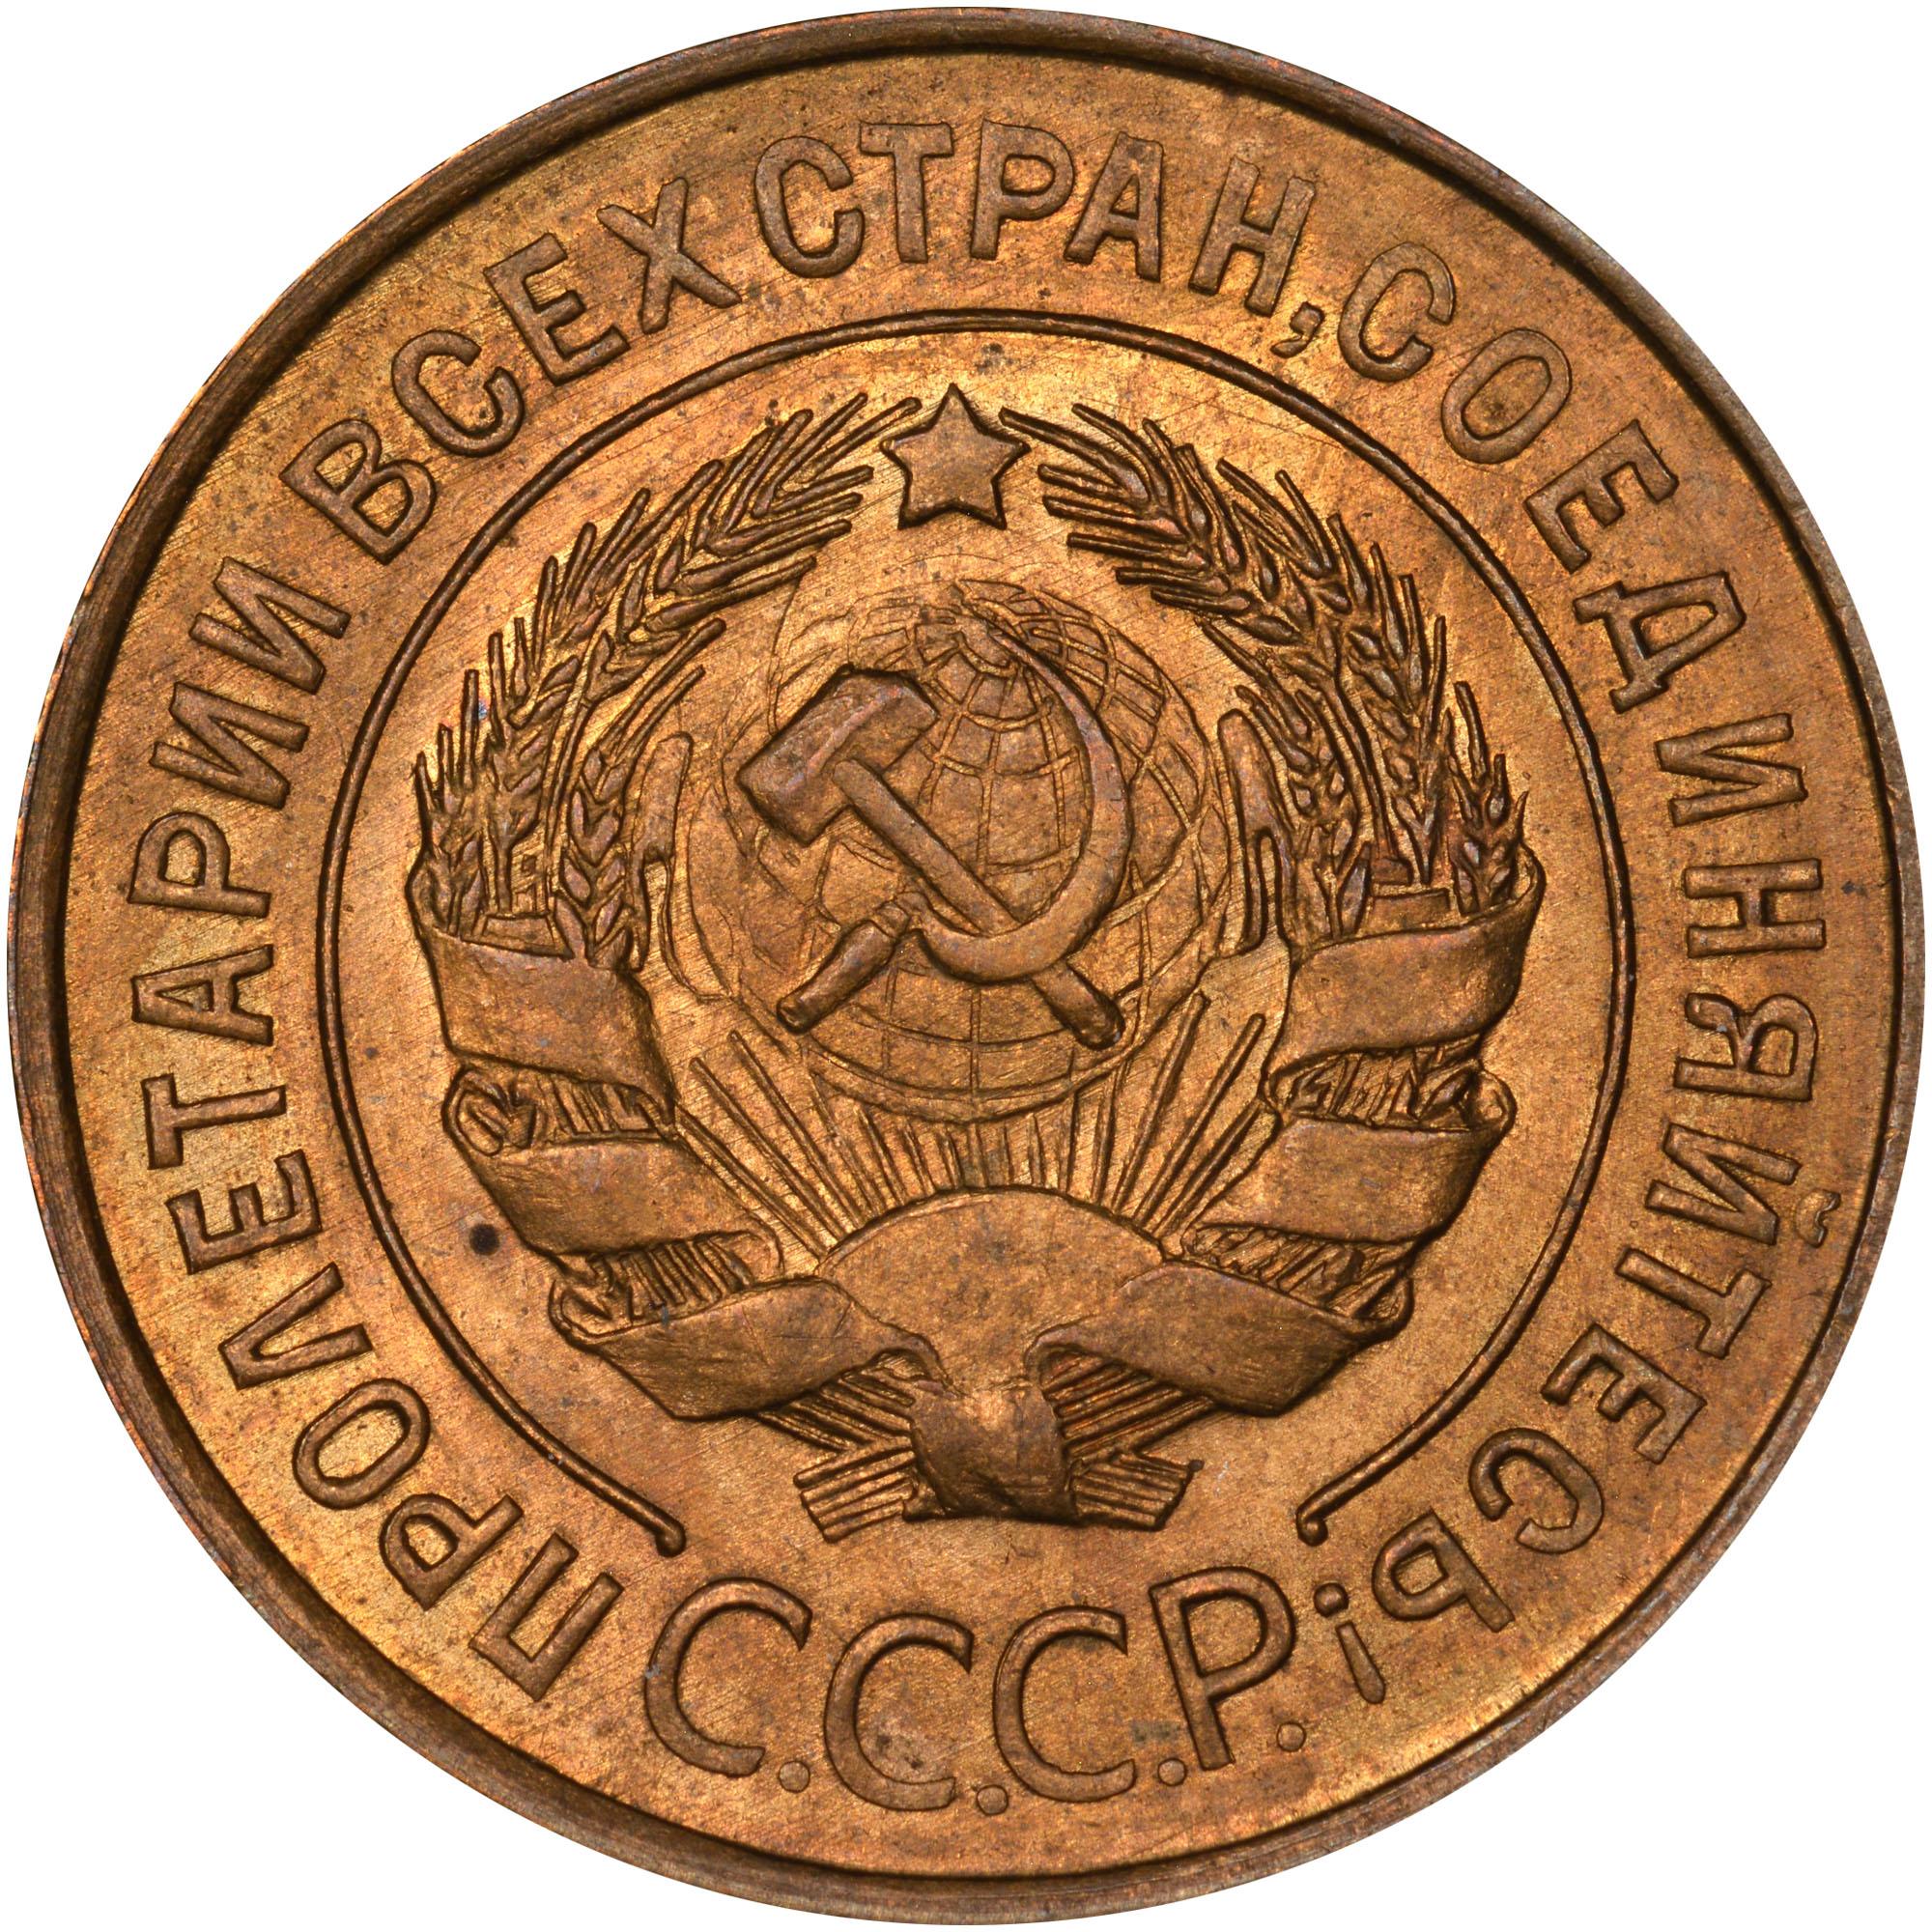 6 Kronkorken Russia #31